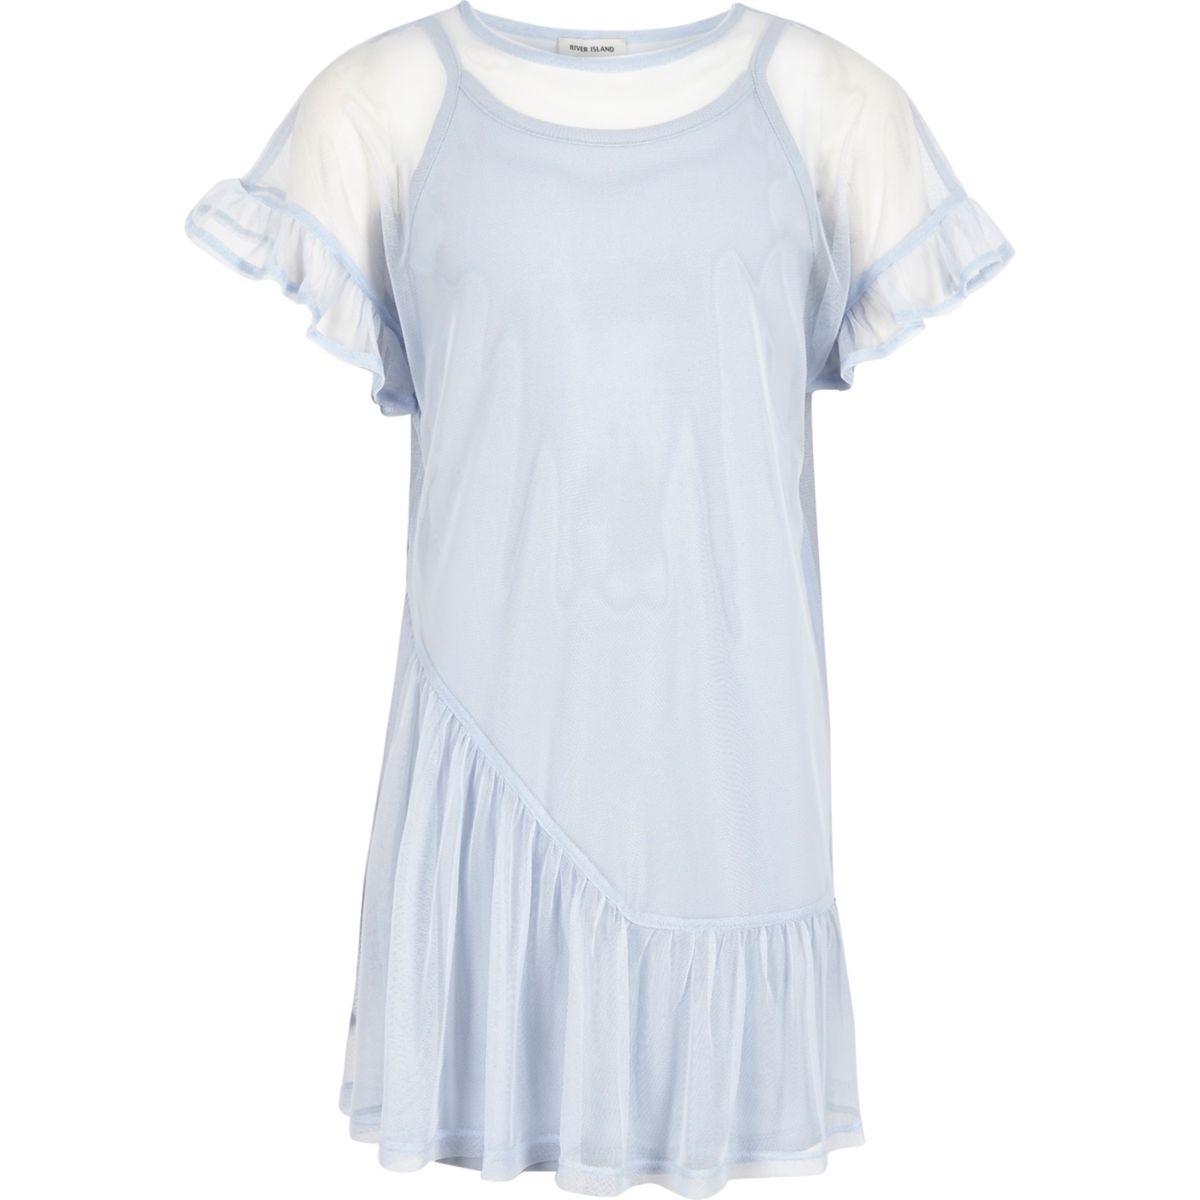 Girls blue mesh frill T-shirt dress